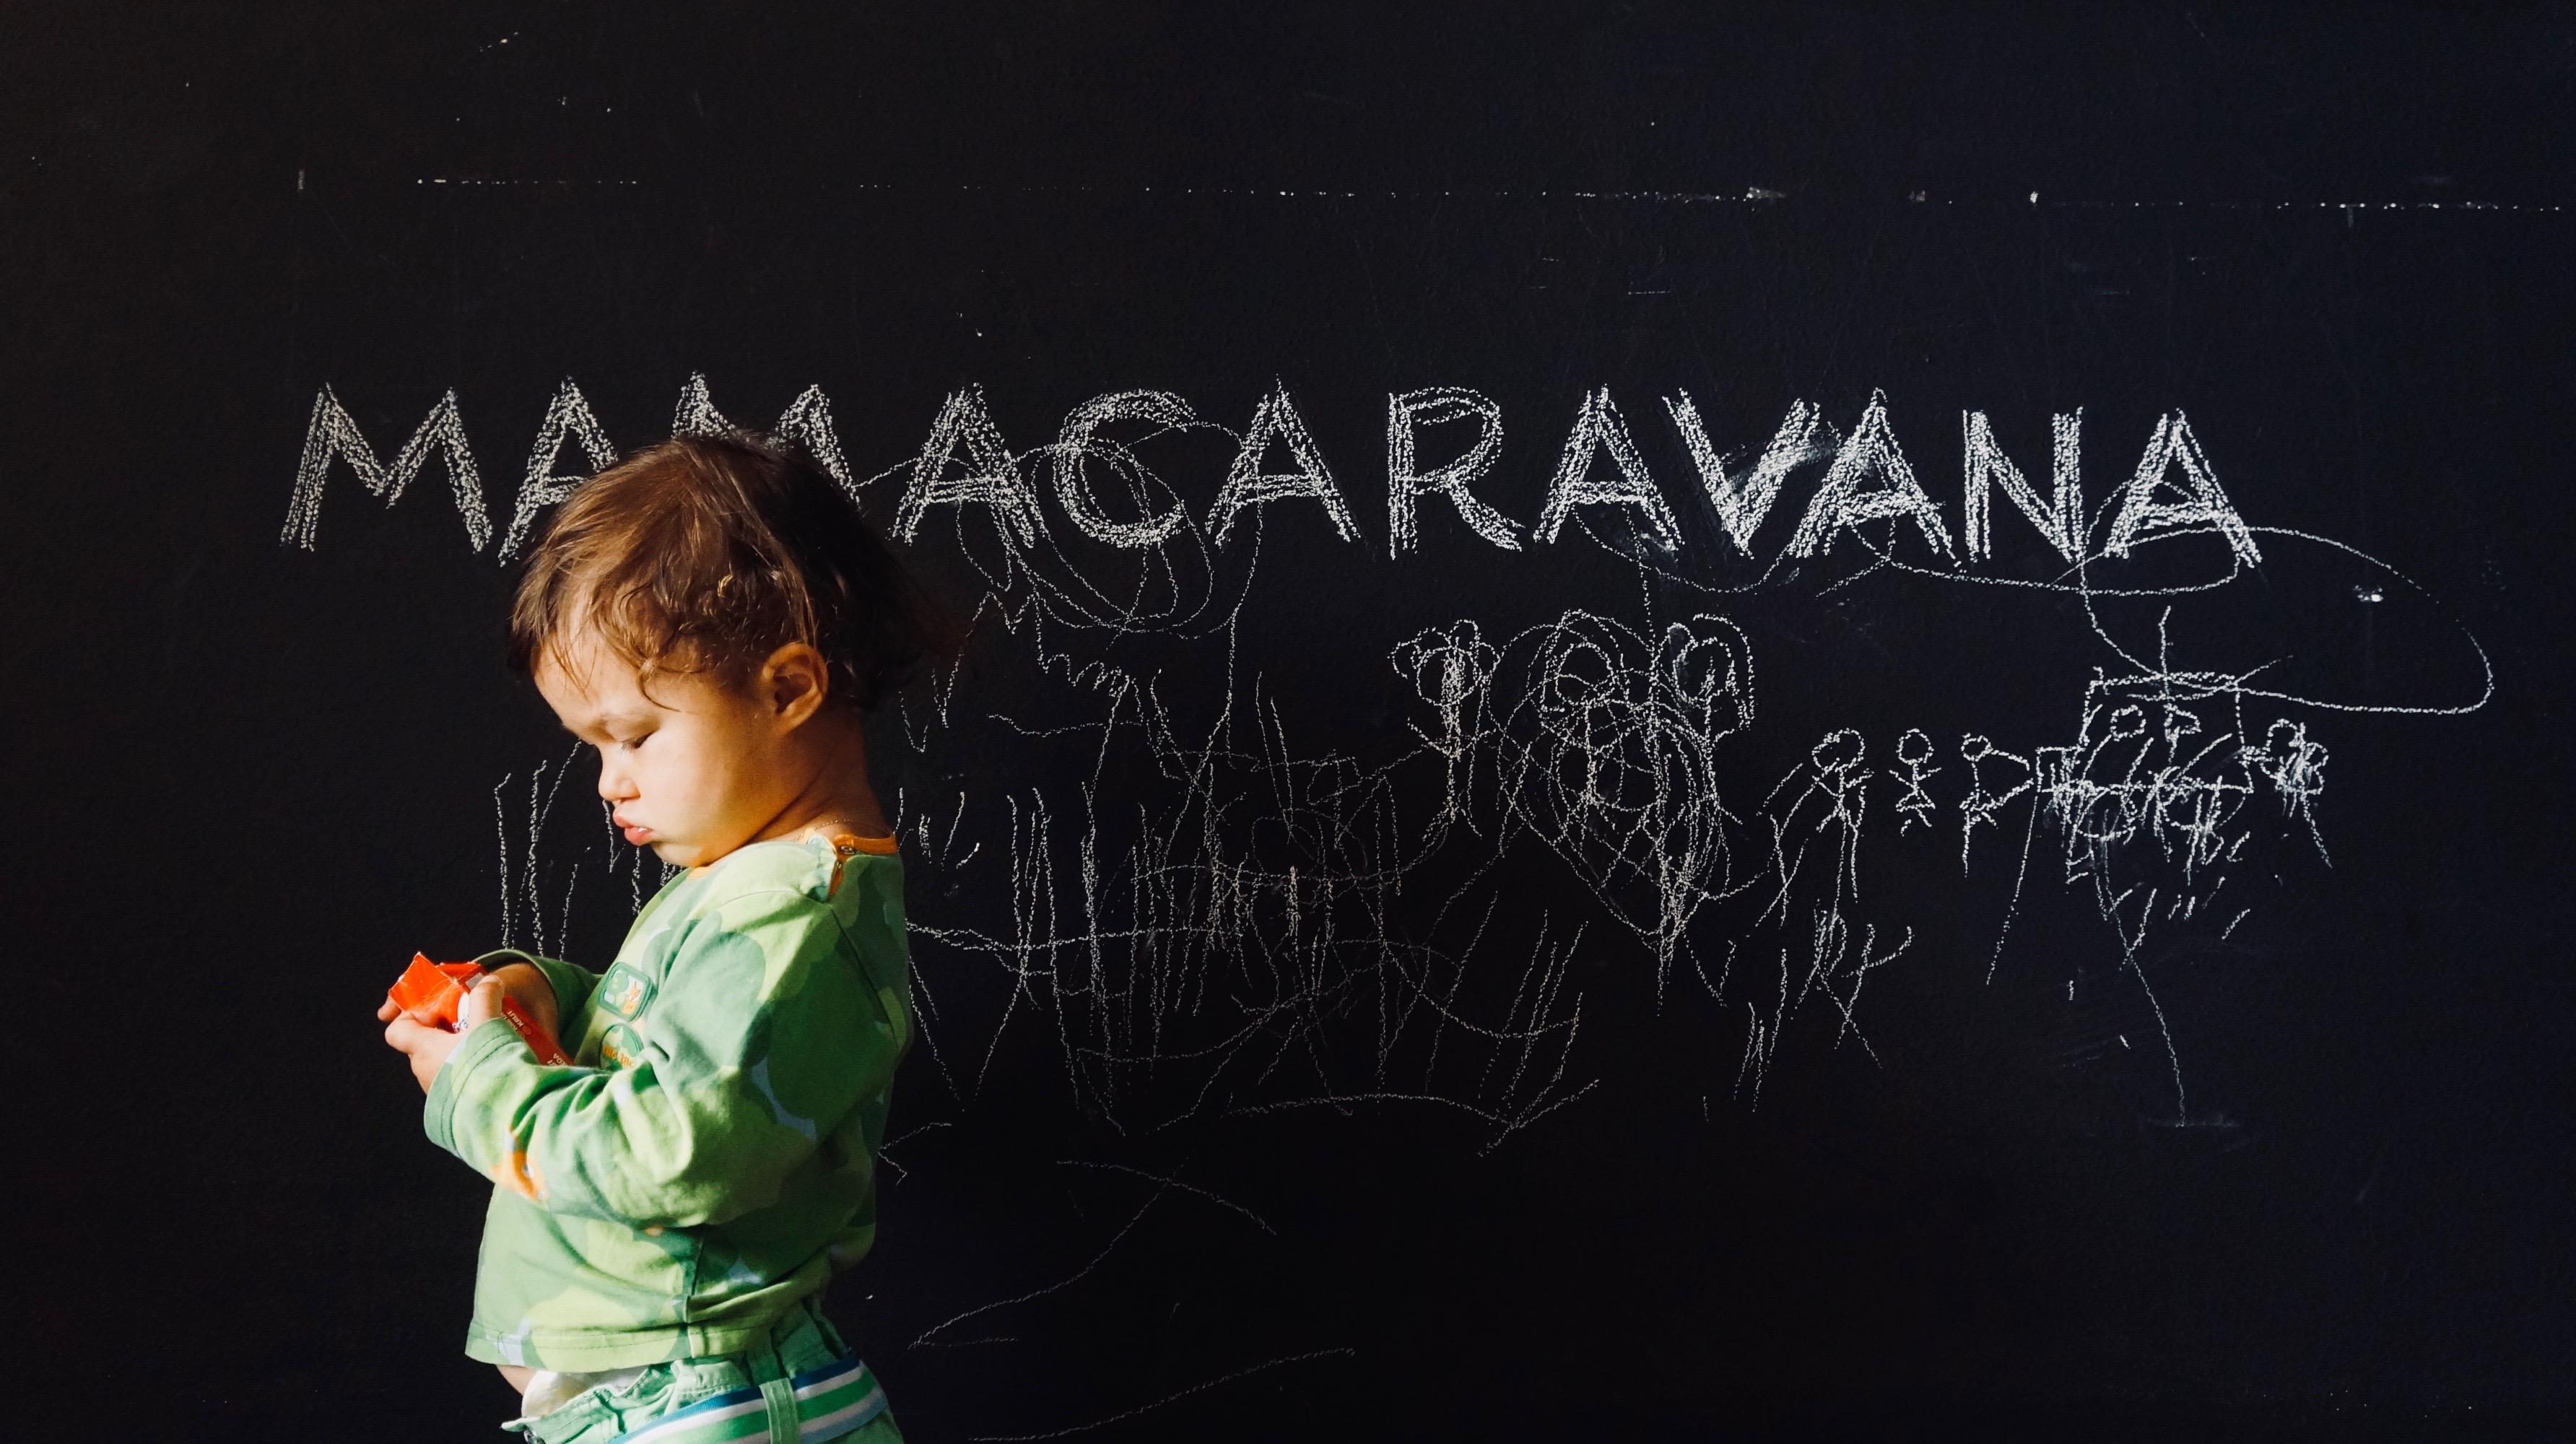 ep#31: 마마카라바나 5 슬로우 슬로우 퀵 퀵